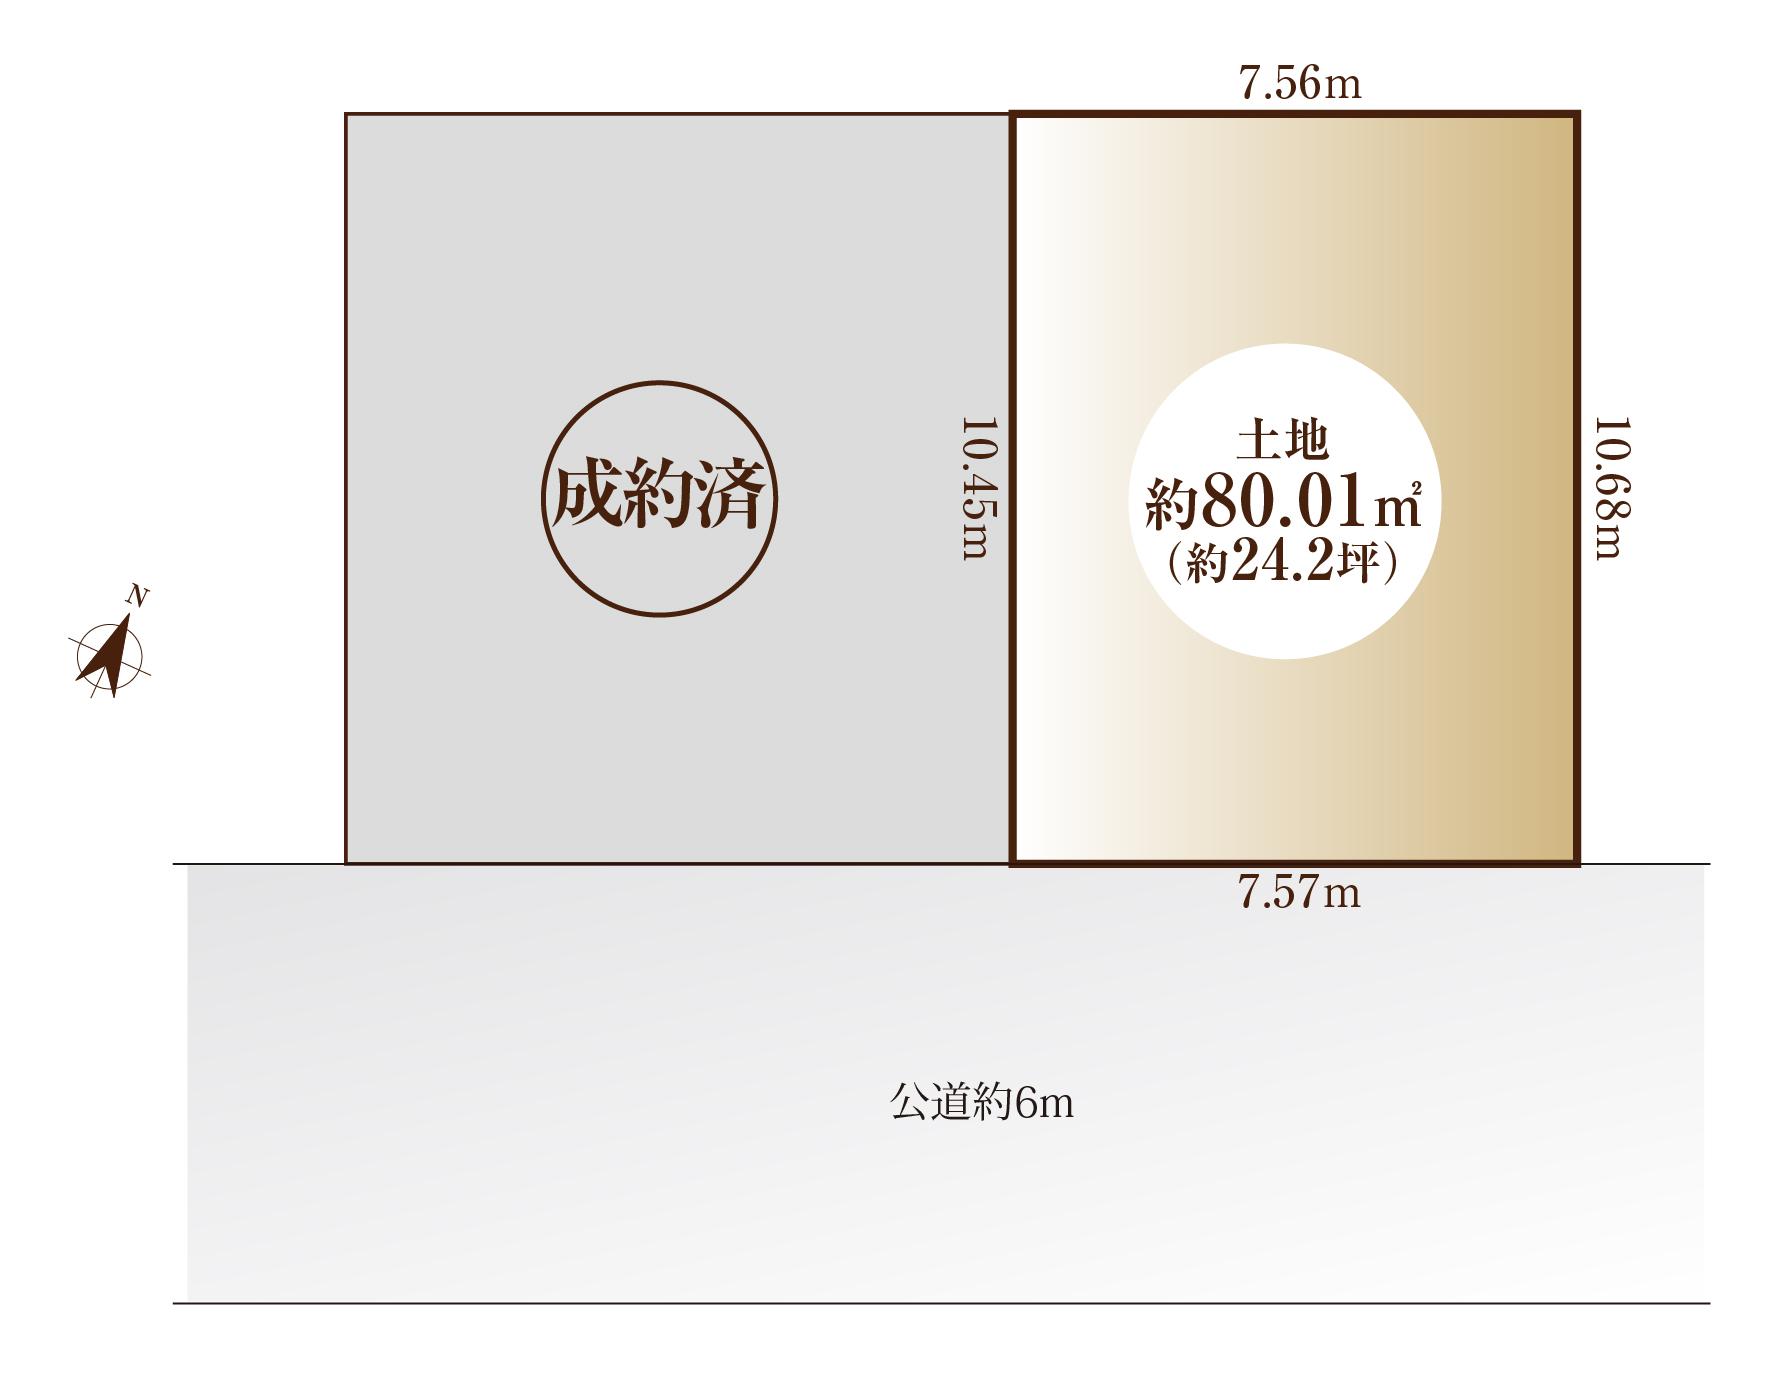 【売土地】西宮市屋敷町建築条件付